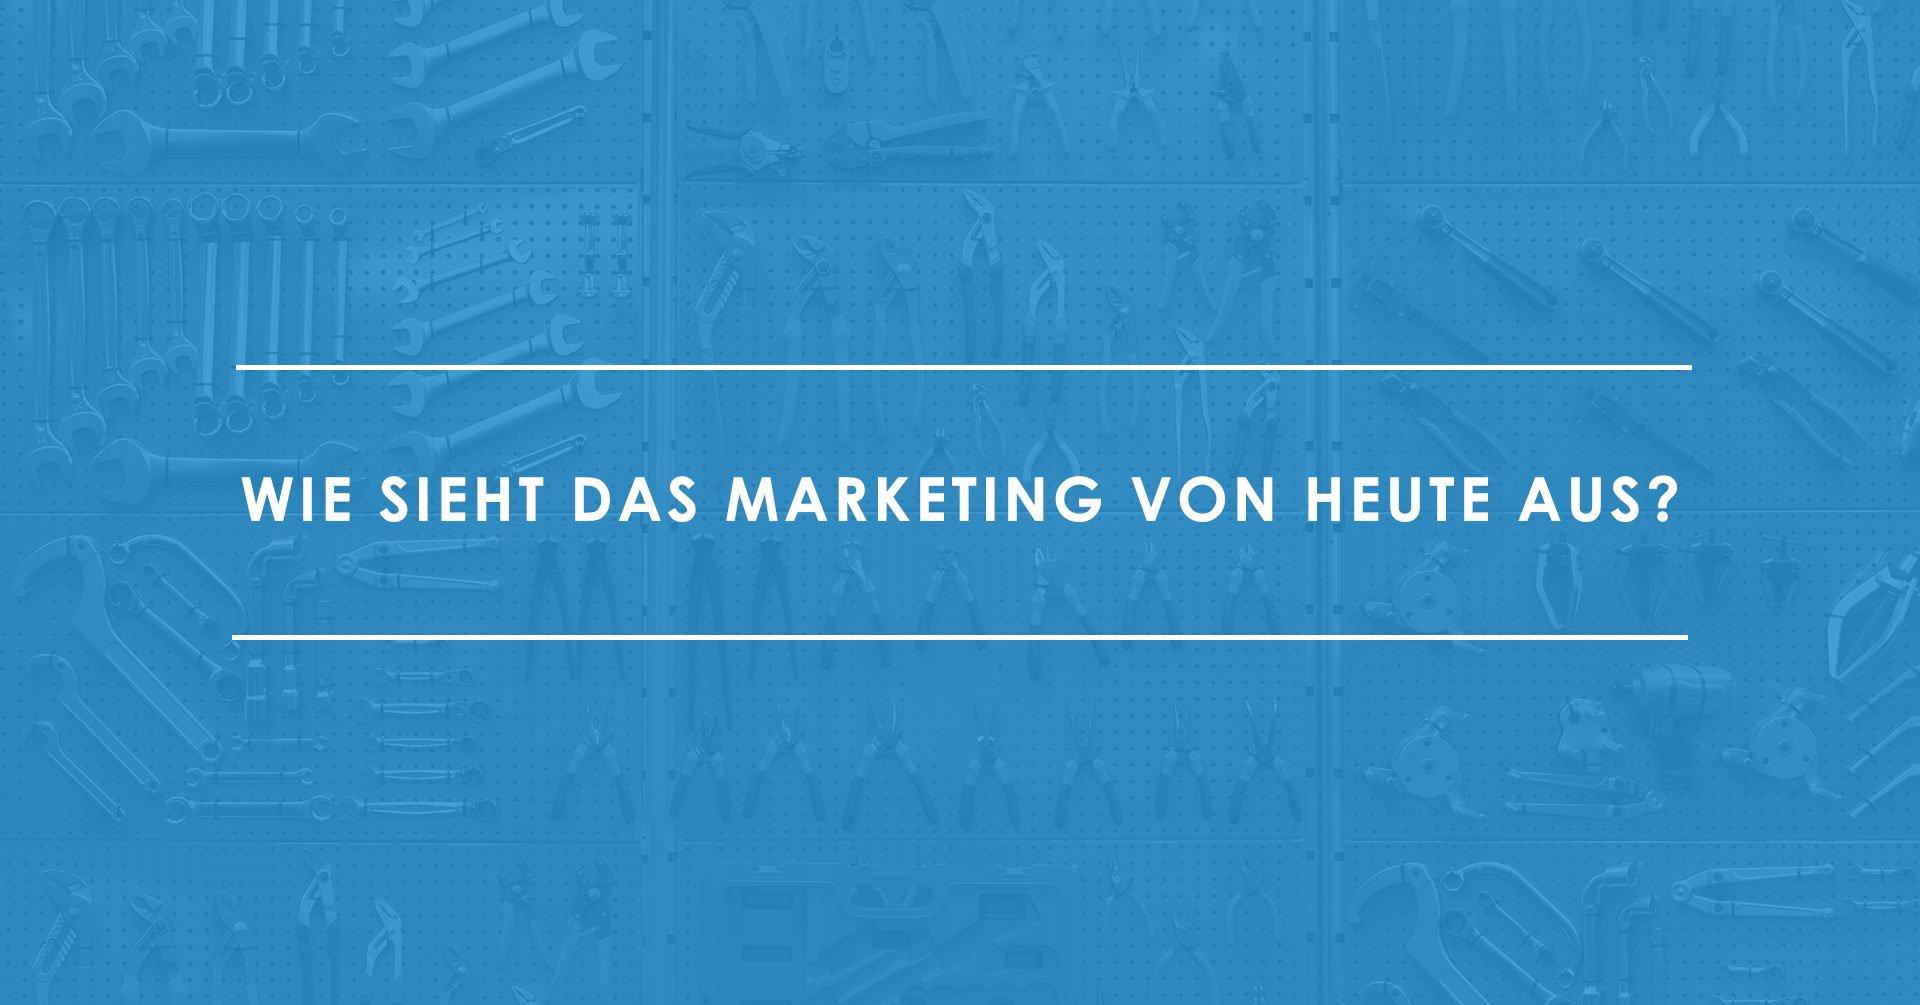 Wichtige-Elemente-für-zeitgemäßes-Marketing-im-B2B